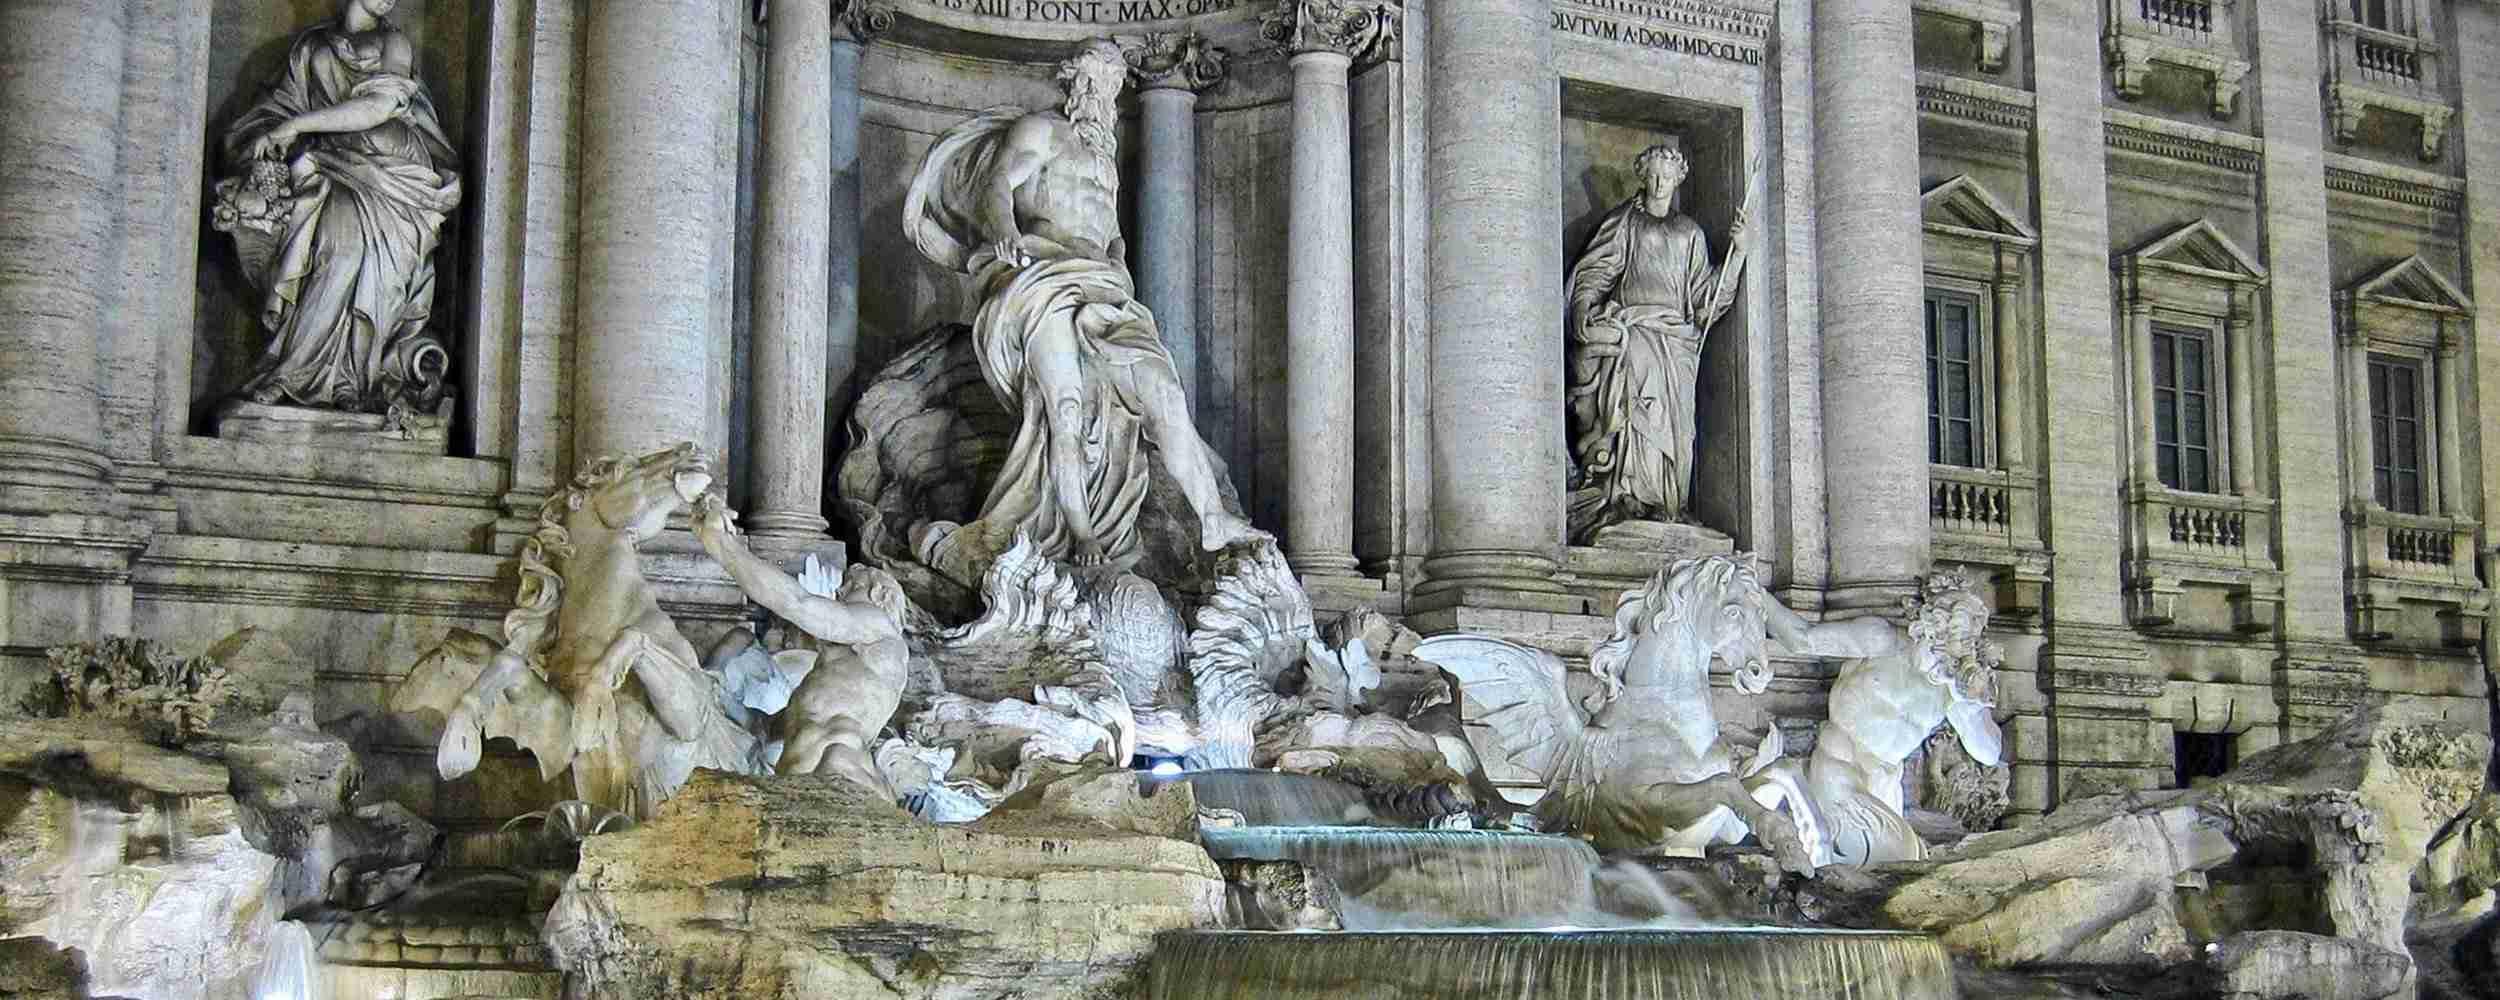 Visita Guidata al Colosseo e Principali Fontane e Piazze